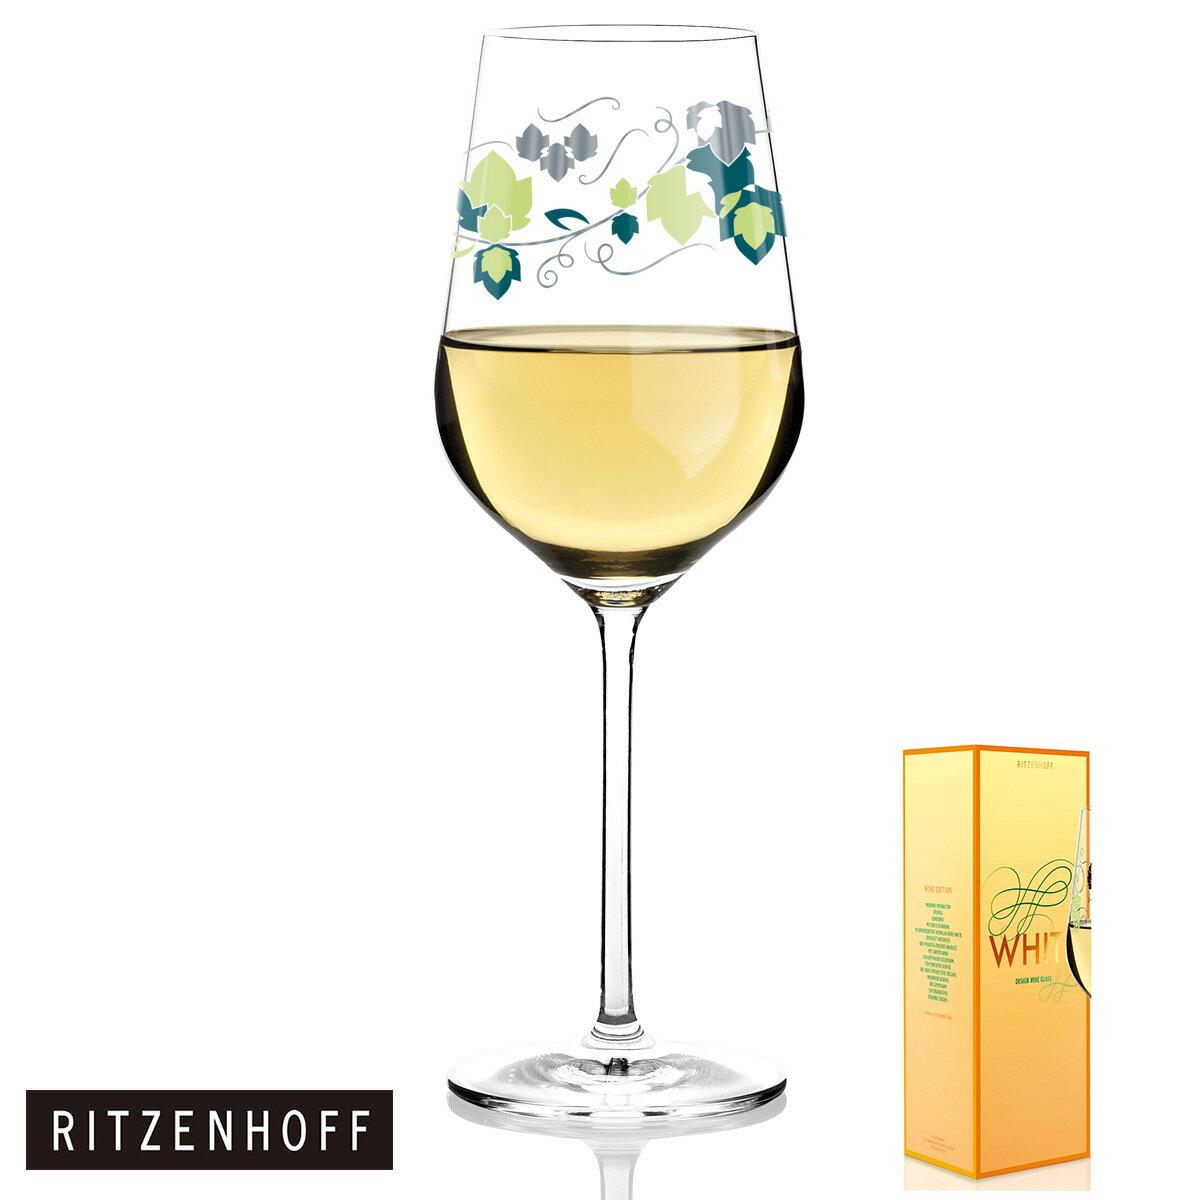 【ポイント20倍】RITZENHOFF リッツェンホフ WINE WHITE ワイン ホワイト ワイングラス (83010022-Carolin Korner)グラス 白ワイン プレゼント 贈り物 ギフト ブライダルギフト【限定数】